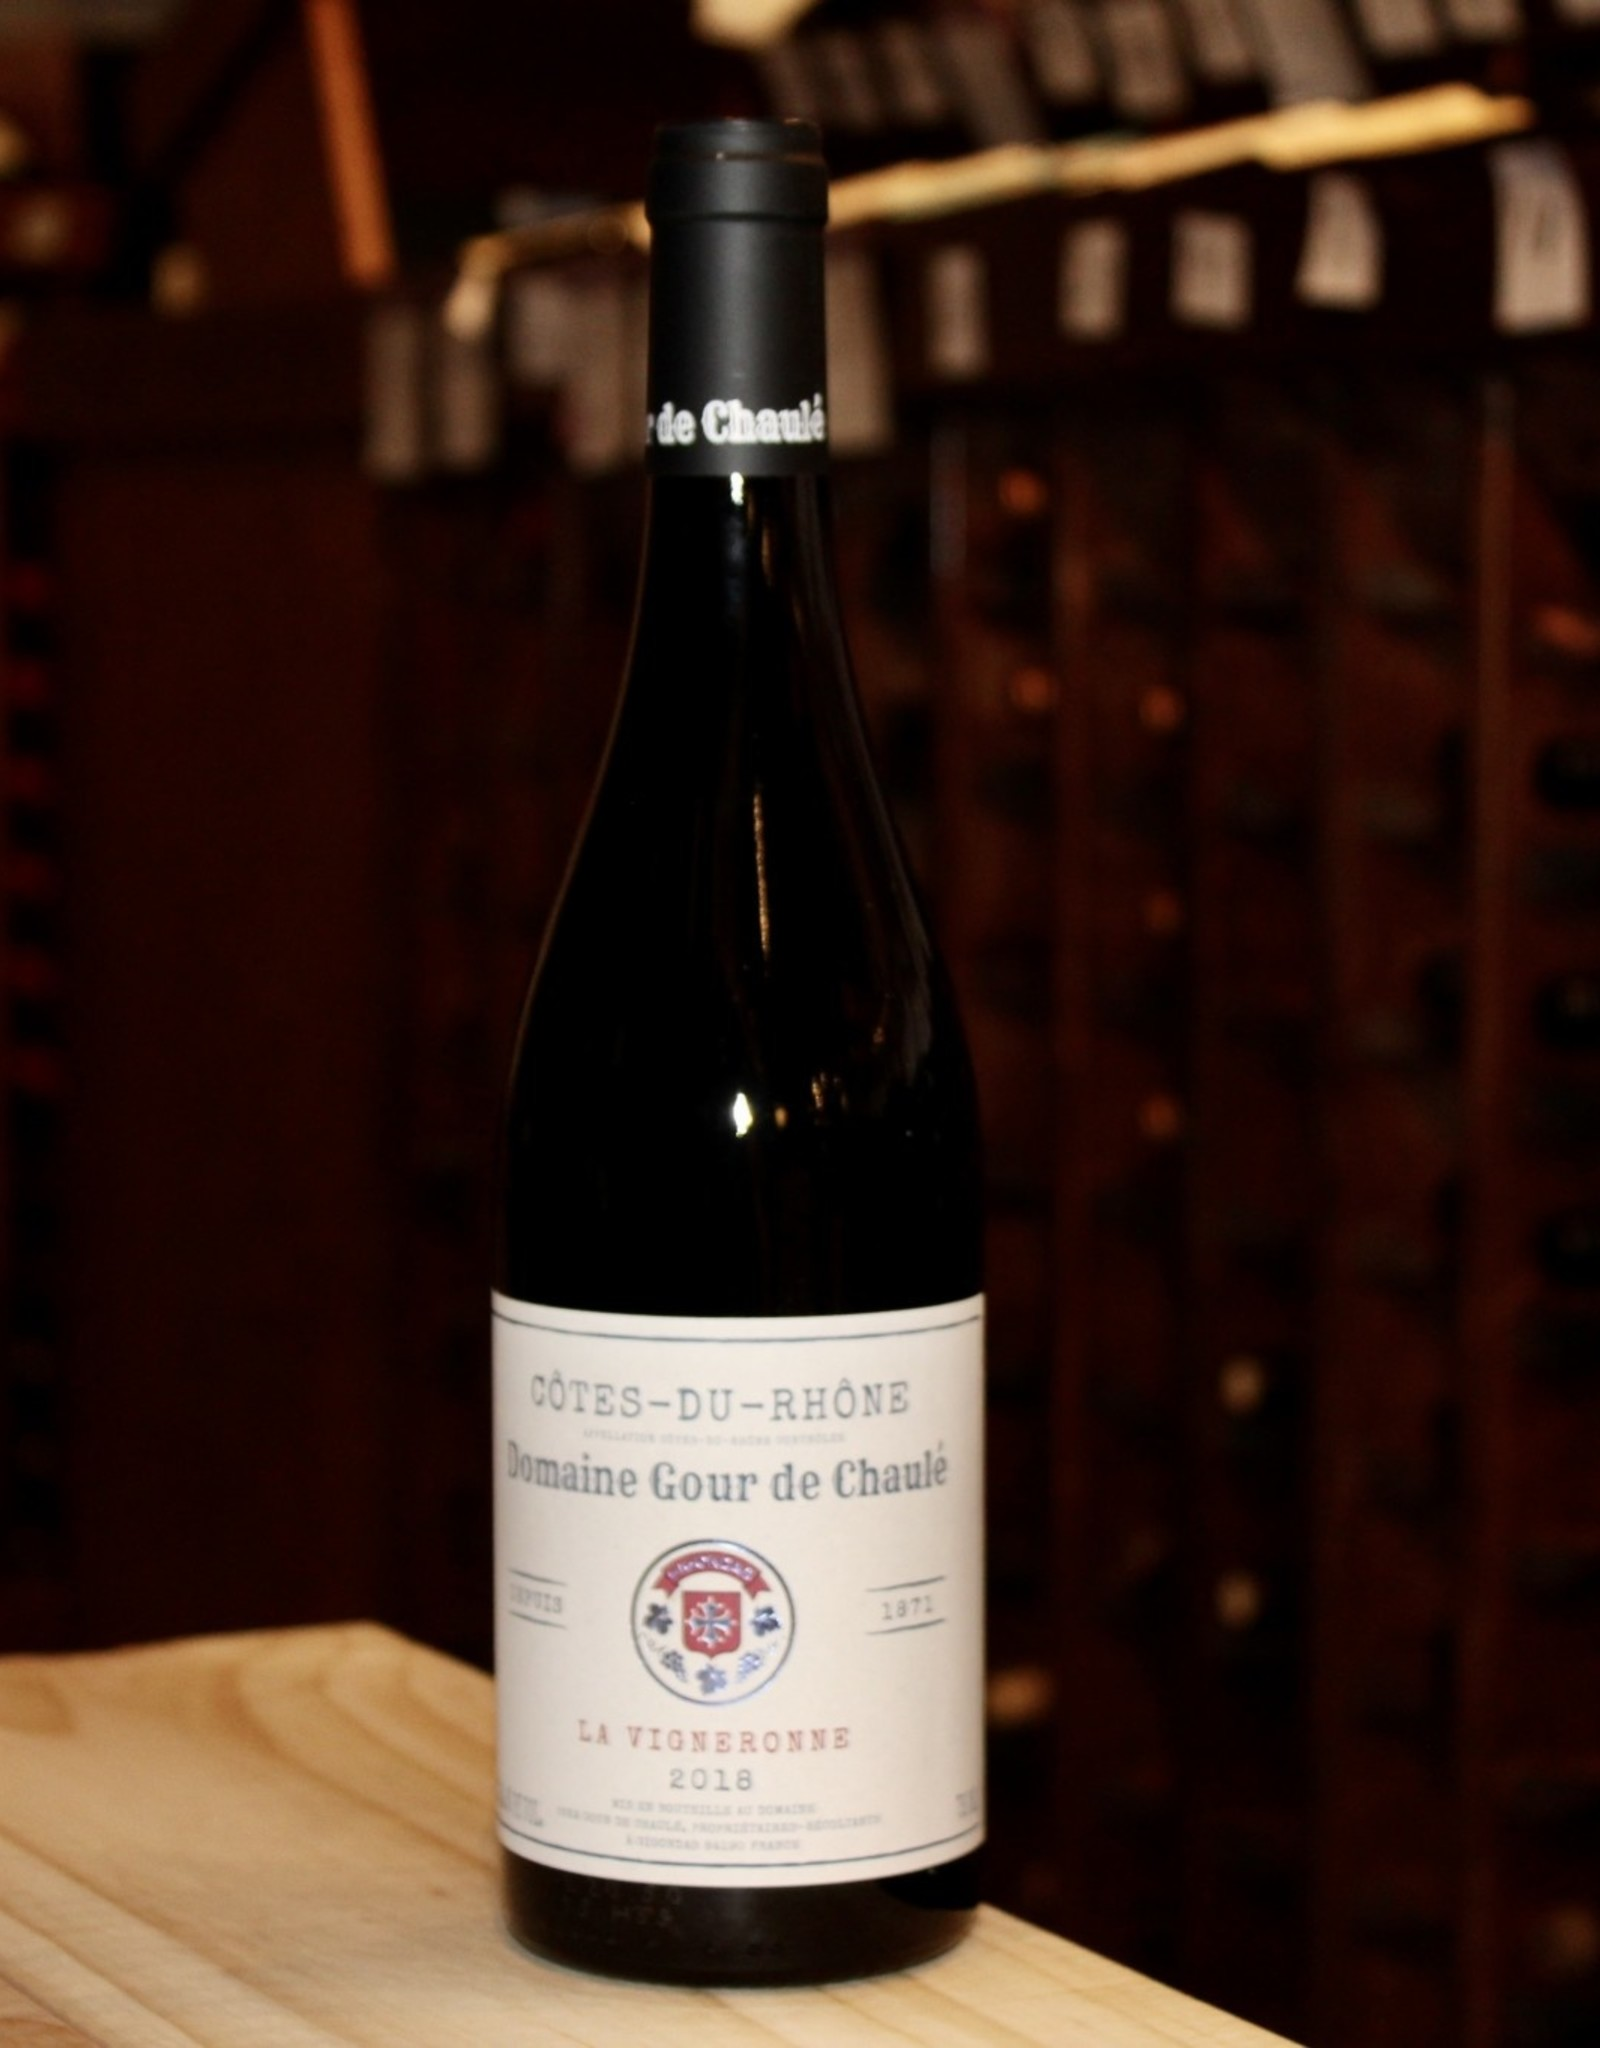 Wine 2018 Domaine Gour de Chaule La Vigneronne - Cotes-du-Rhone, France (750ml)